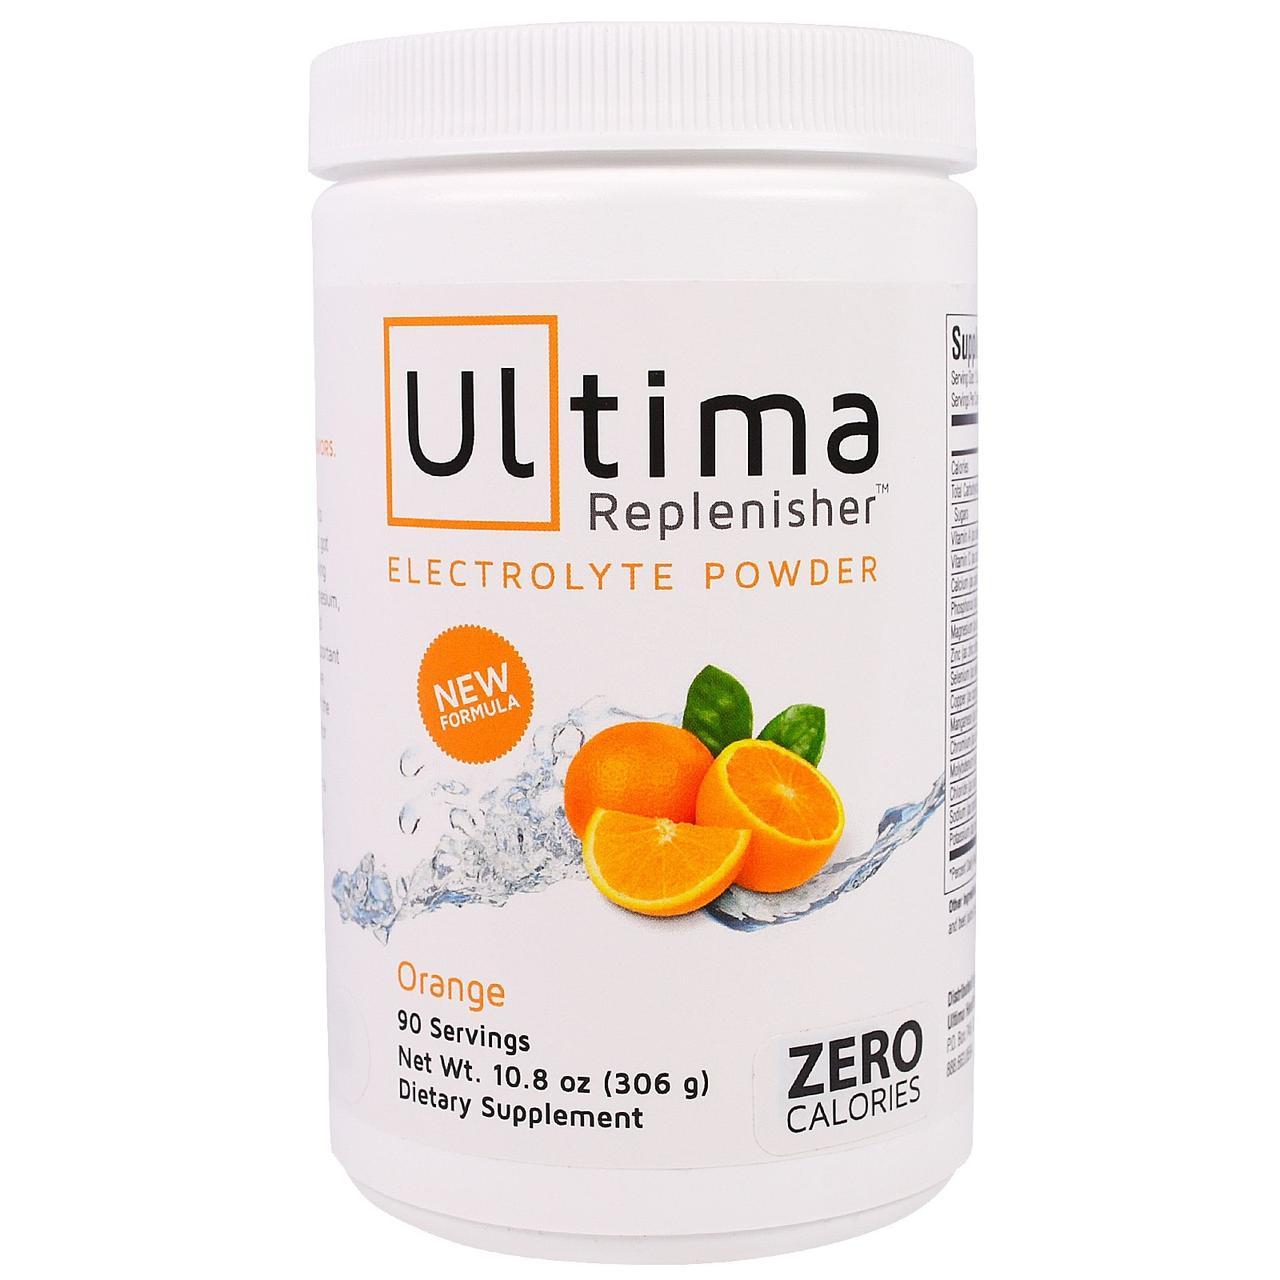 Ultima Health Products, Предельный восполнитель, порошок электролитов с апельсиновым вкусом, 10,8 унции (306 г)